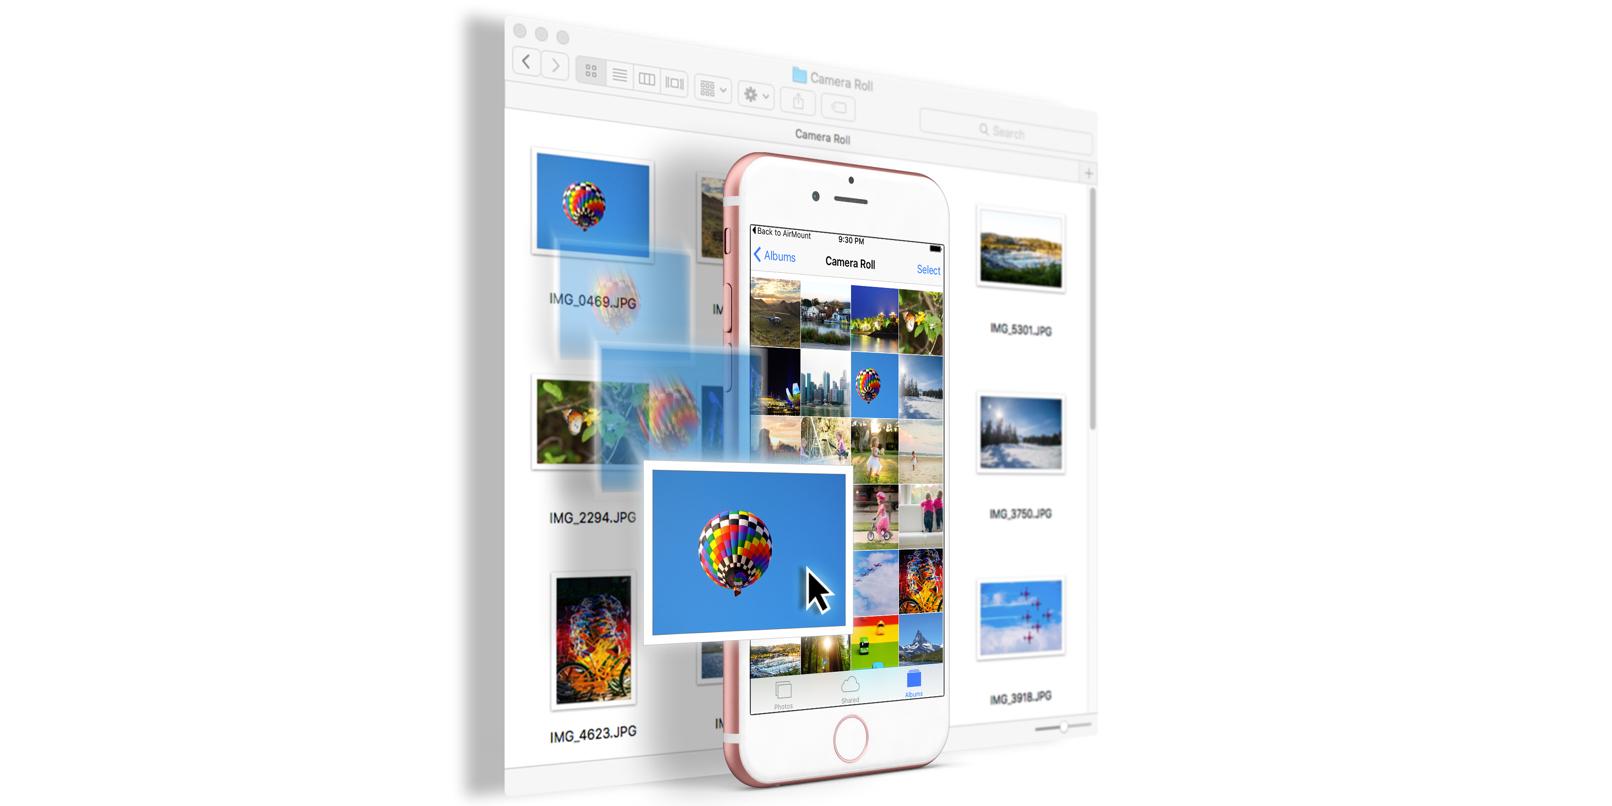 Airmount, giải pháp kết nối iPhone và máy Mac không cần cap hay internet